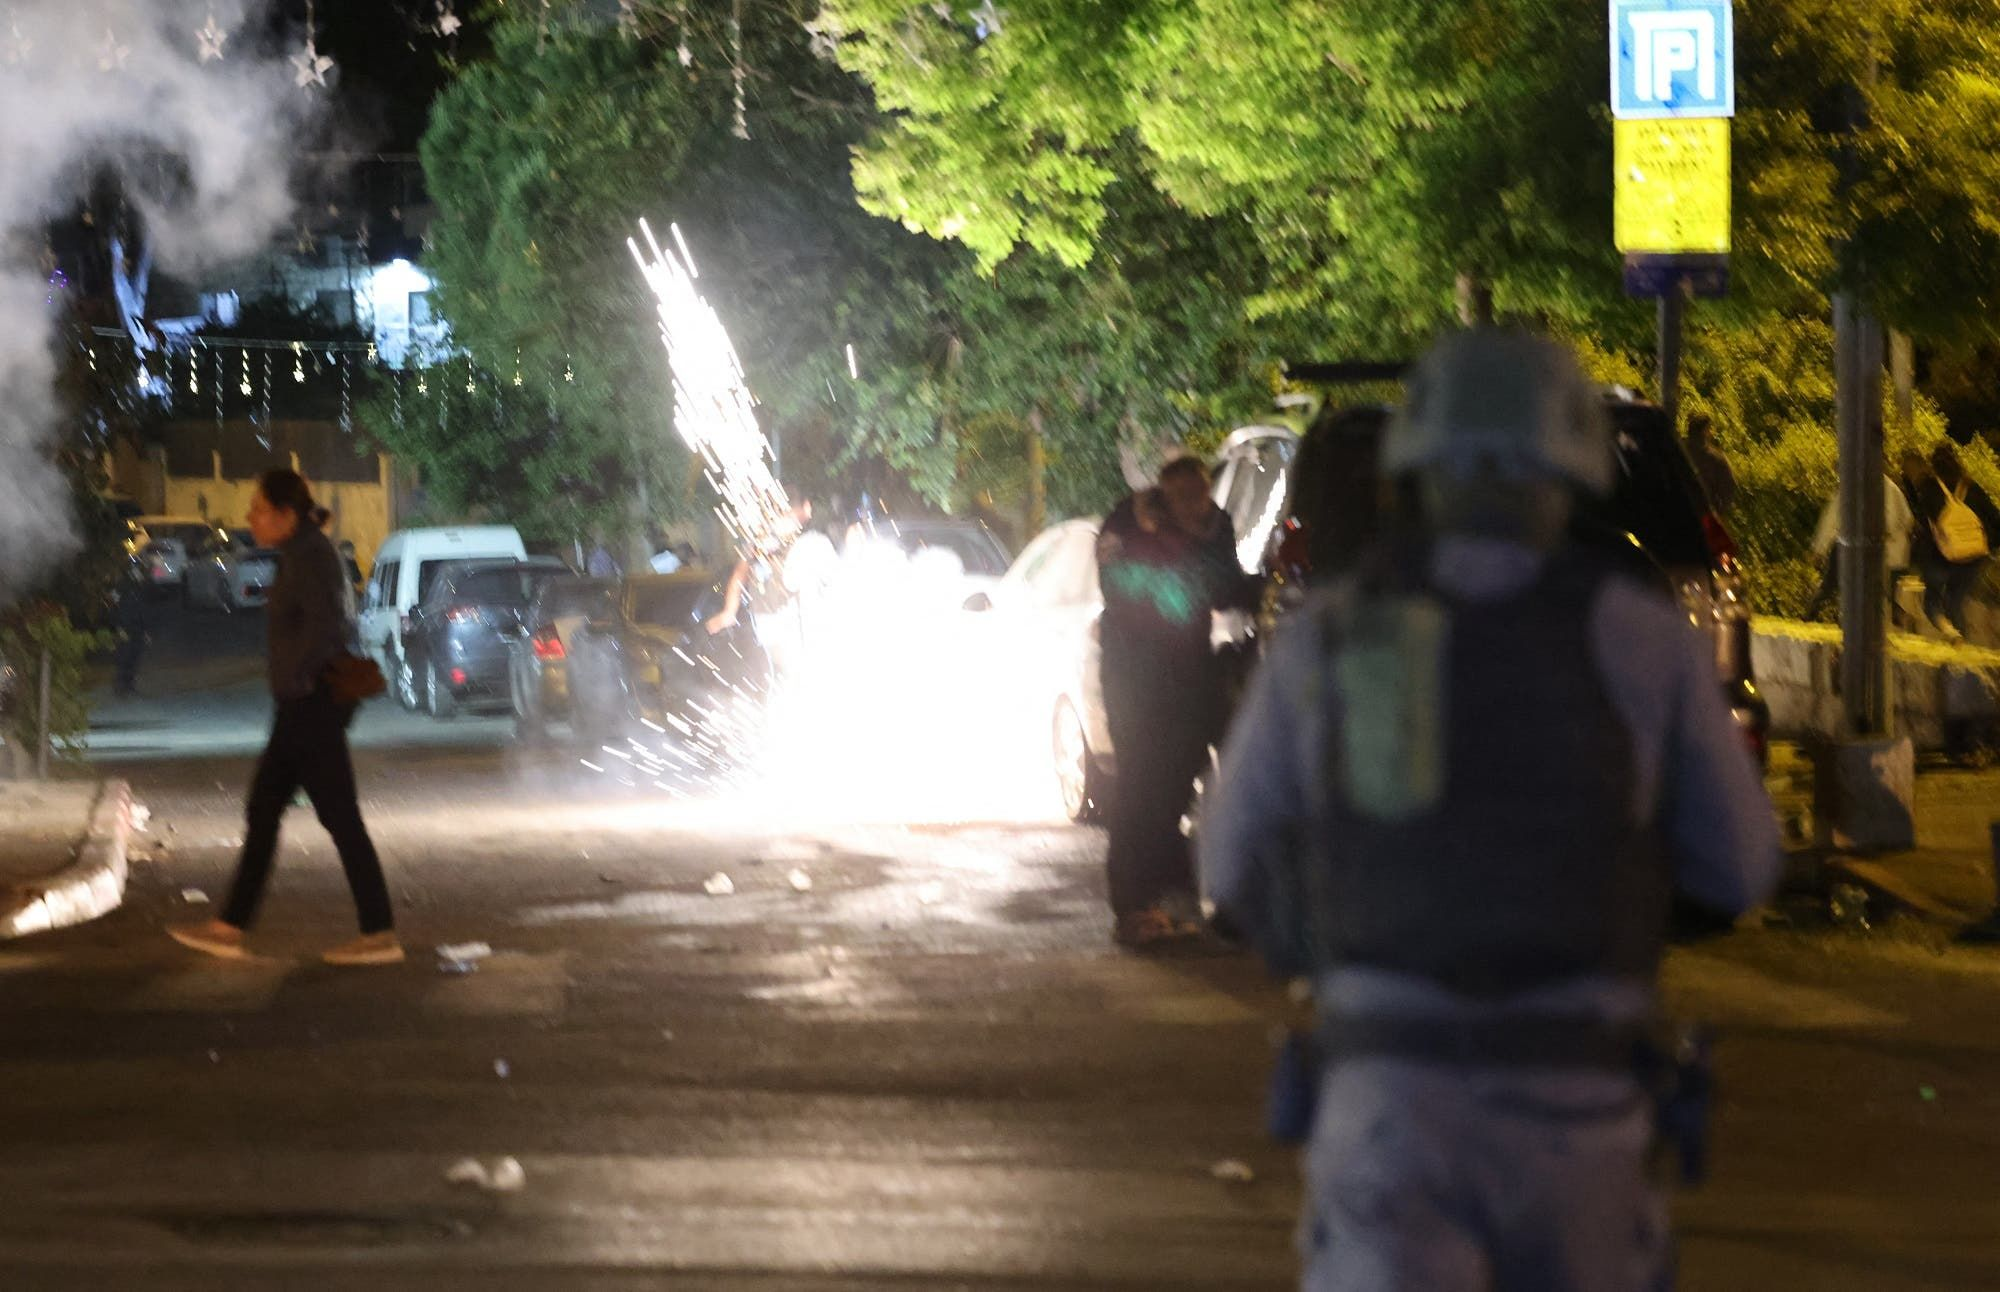 اشتباكات بين الشرطة الإسرائيلية والمتظاهرين الفلسطينيين في حي الشيخ جراح يوم 7 مايو (فرانس برس)